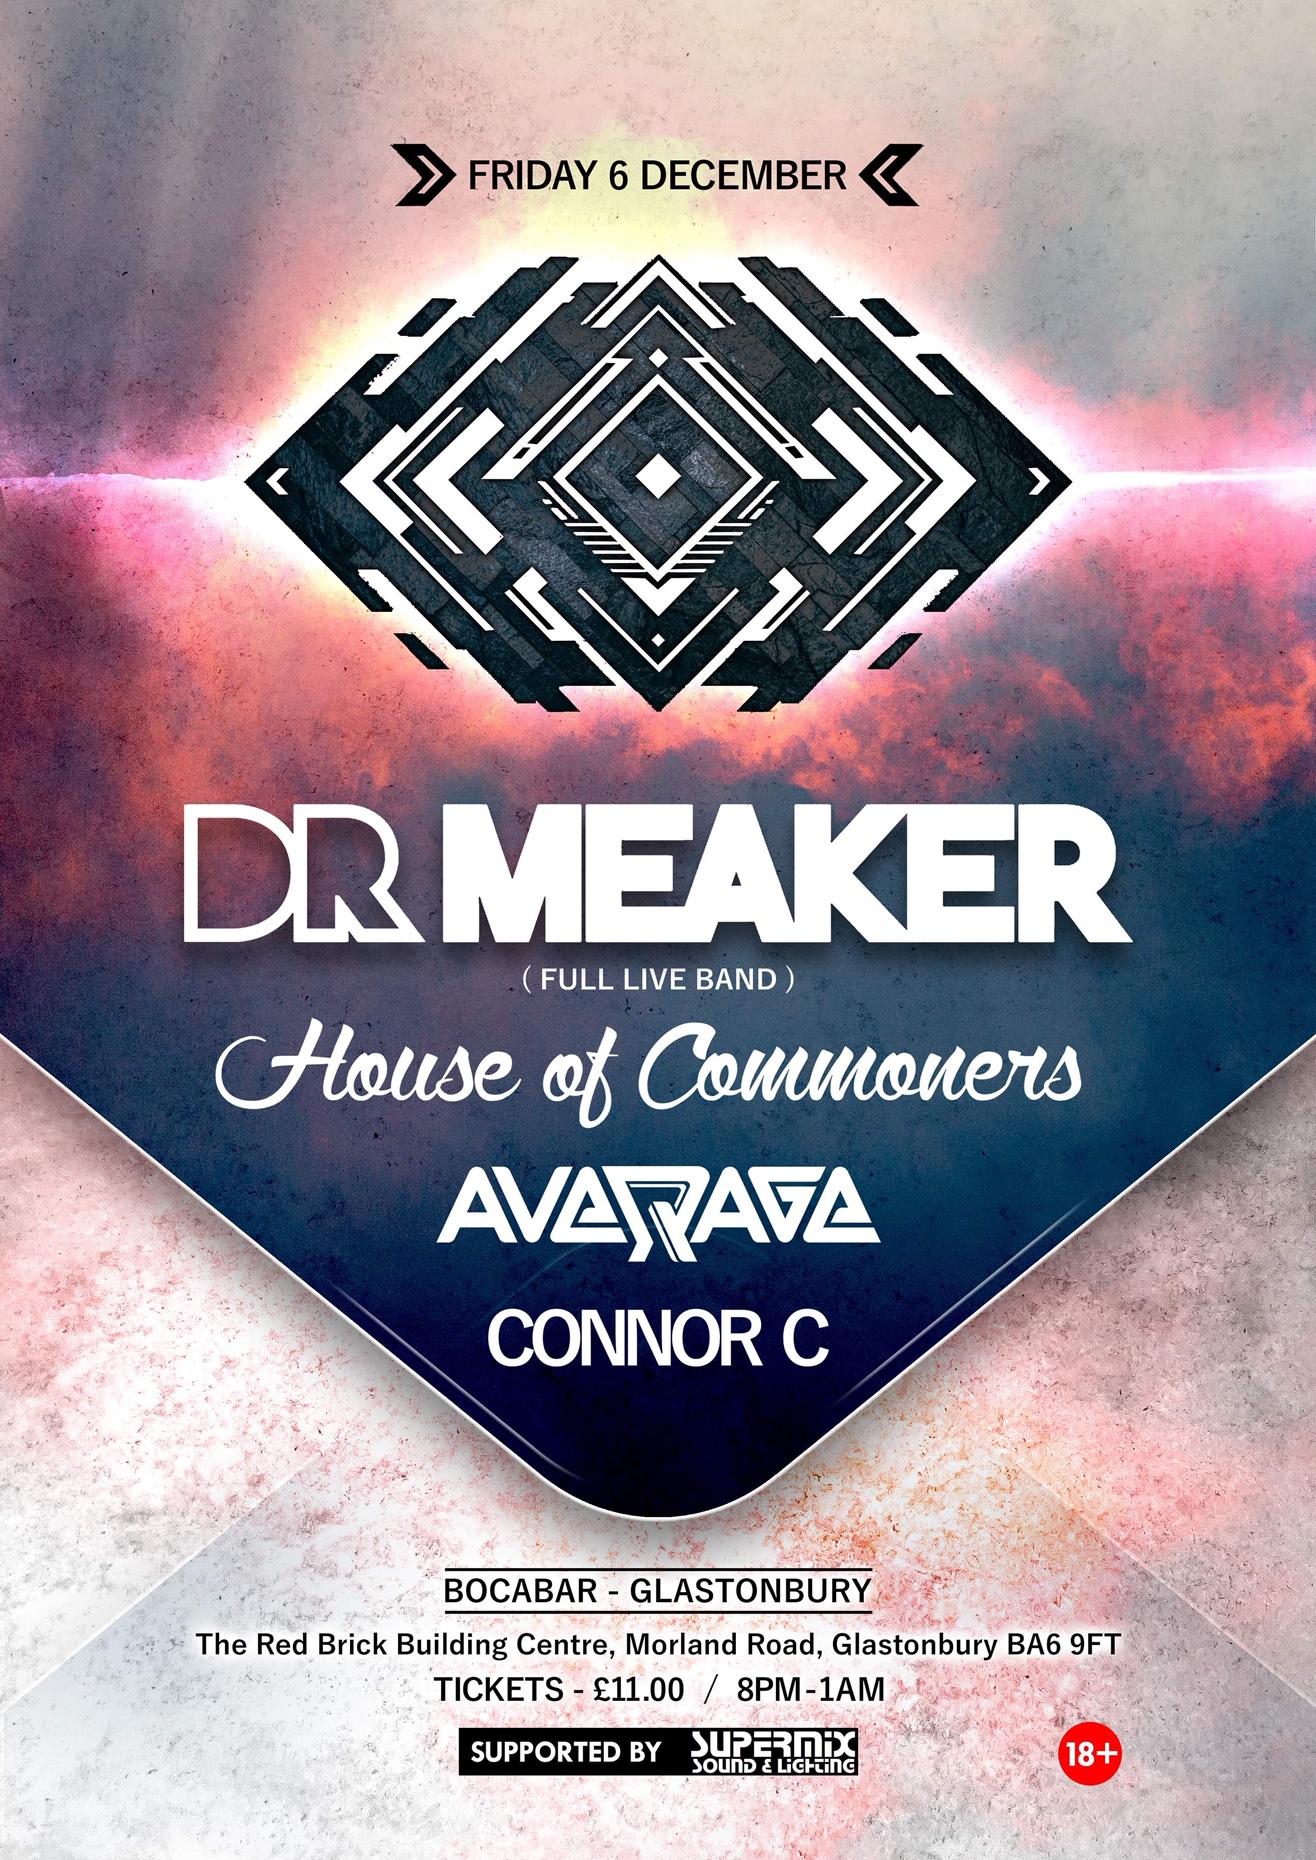 Dr Meaker image1.jpeg